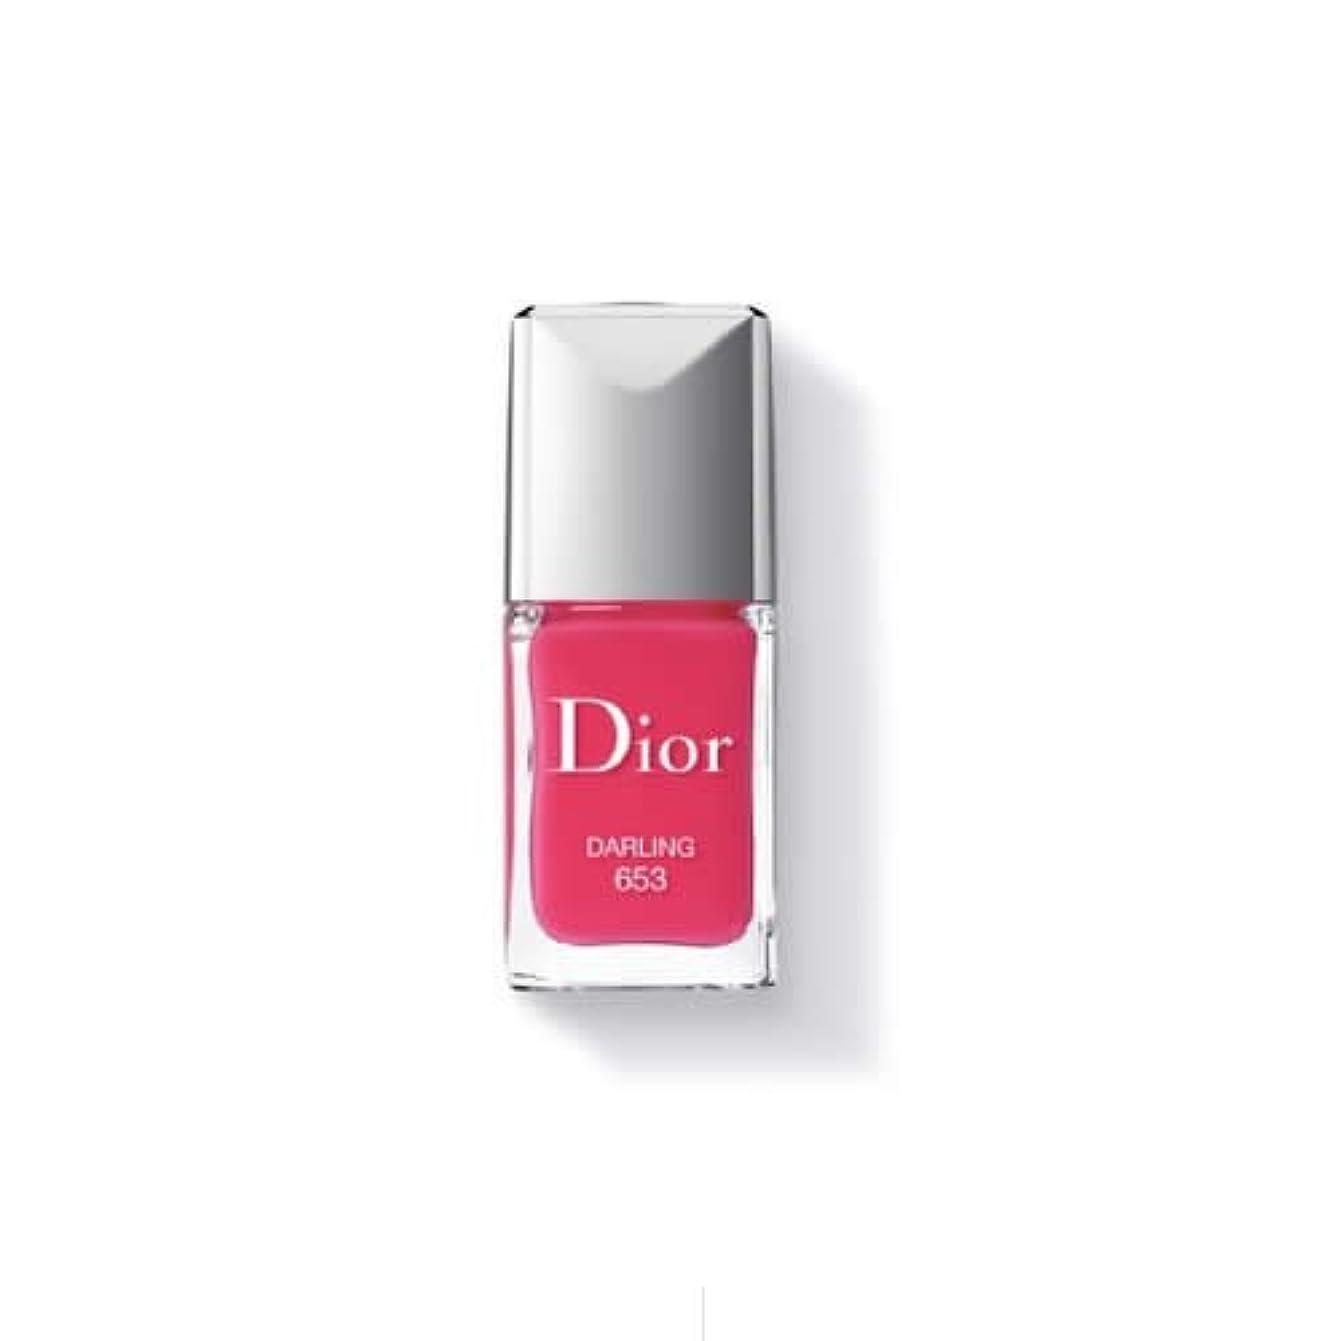 系統的指令もディオール ヴェルニ #653 ダーリン 10ml クリスチャン ディオール Christian Dior 訳あり